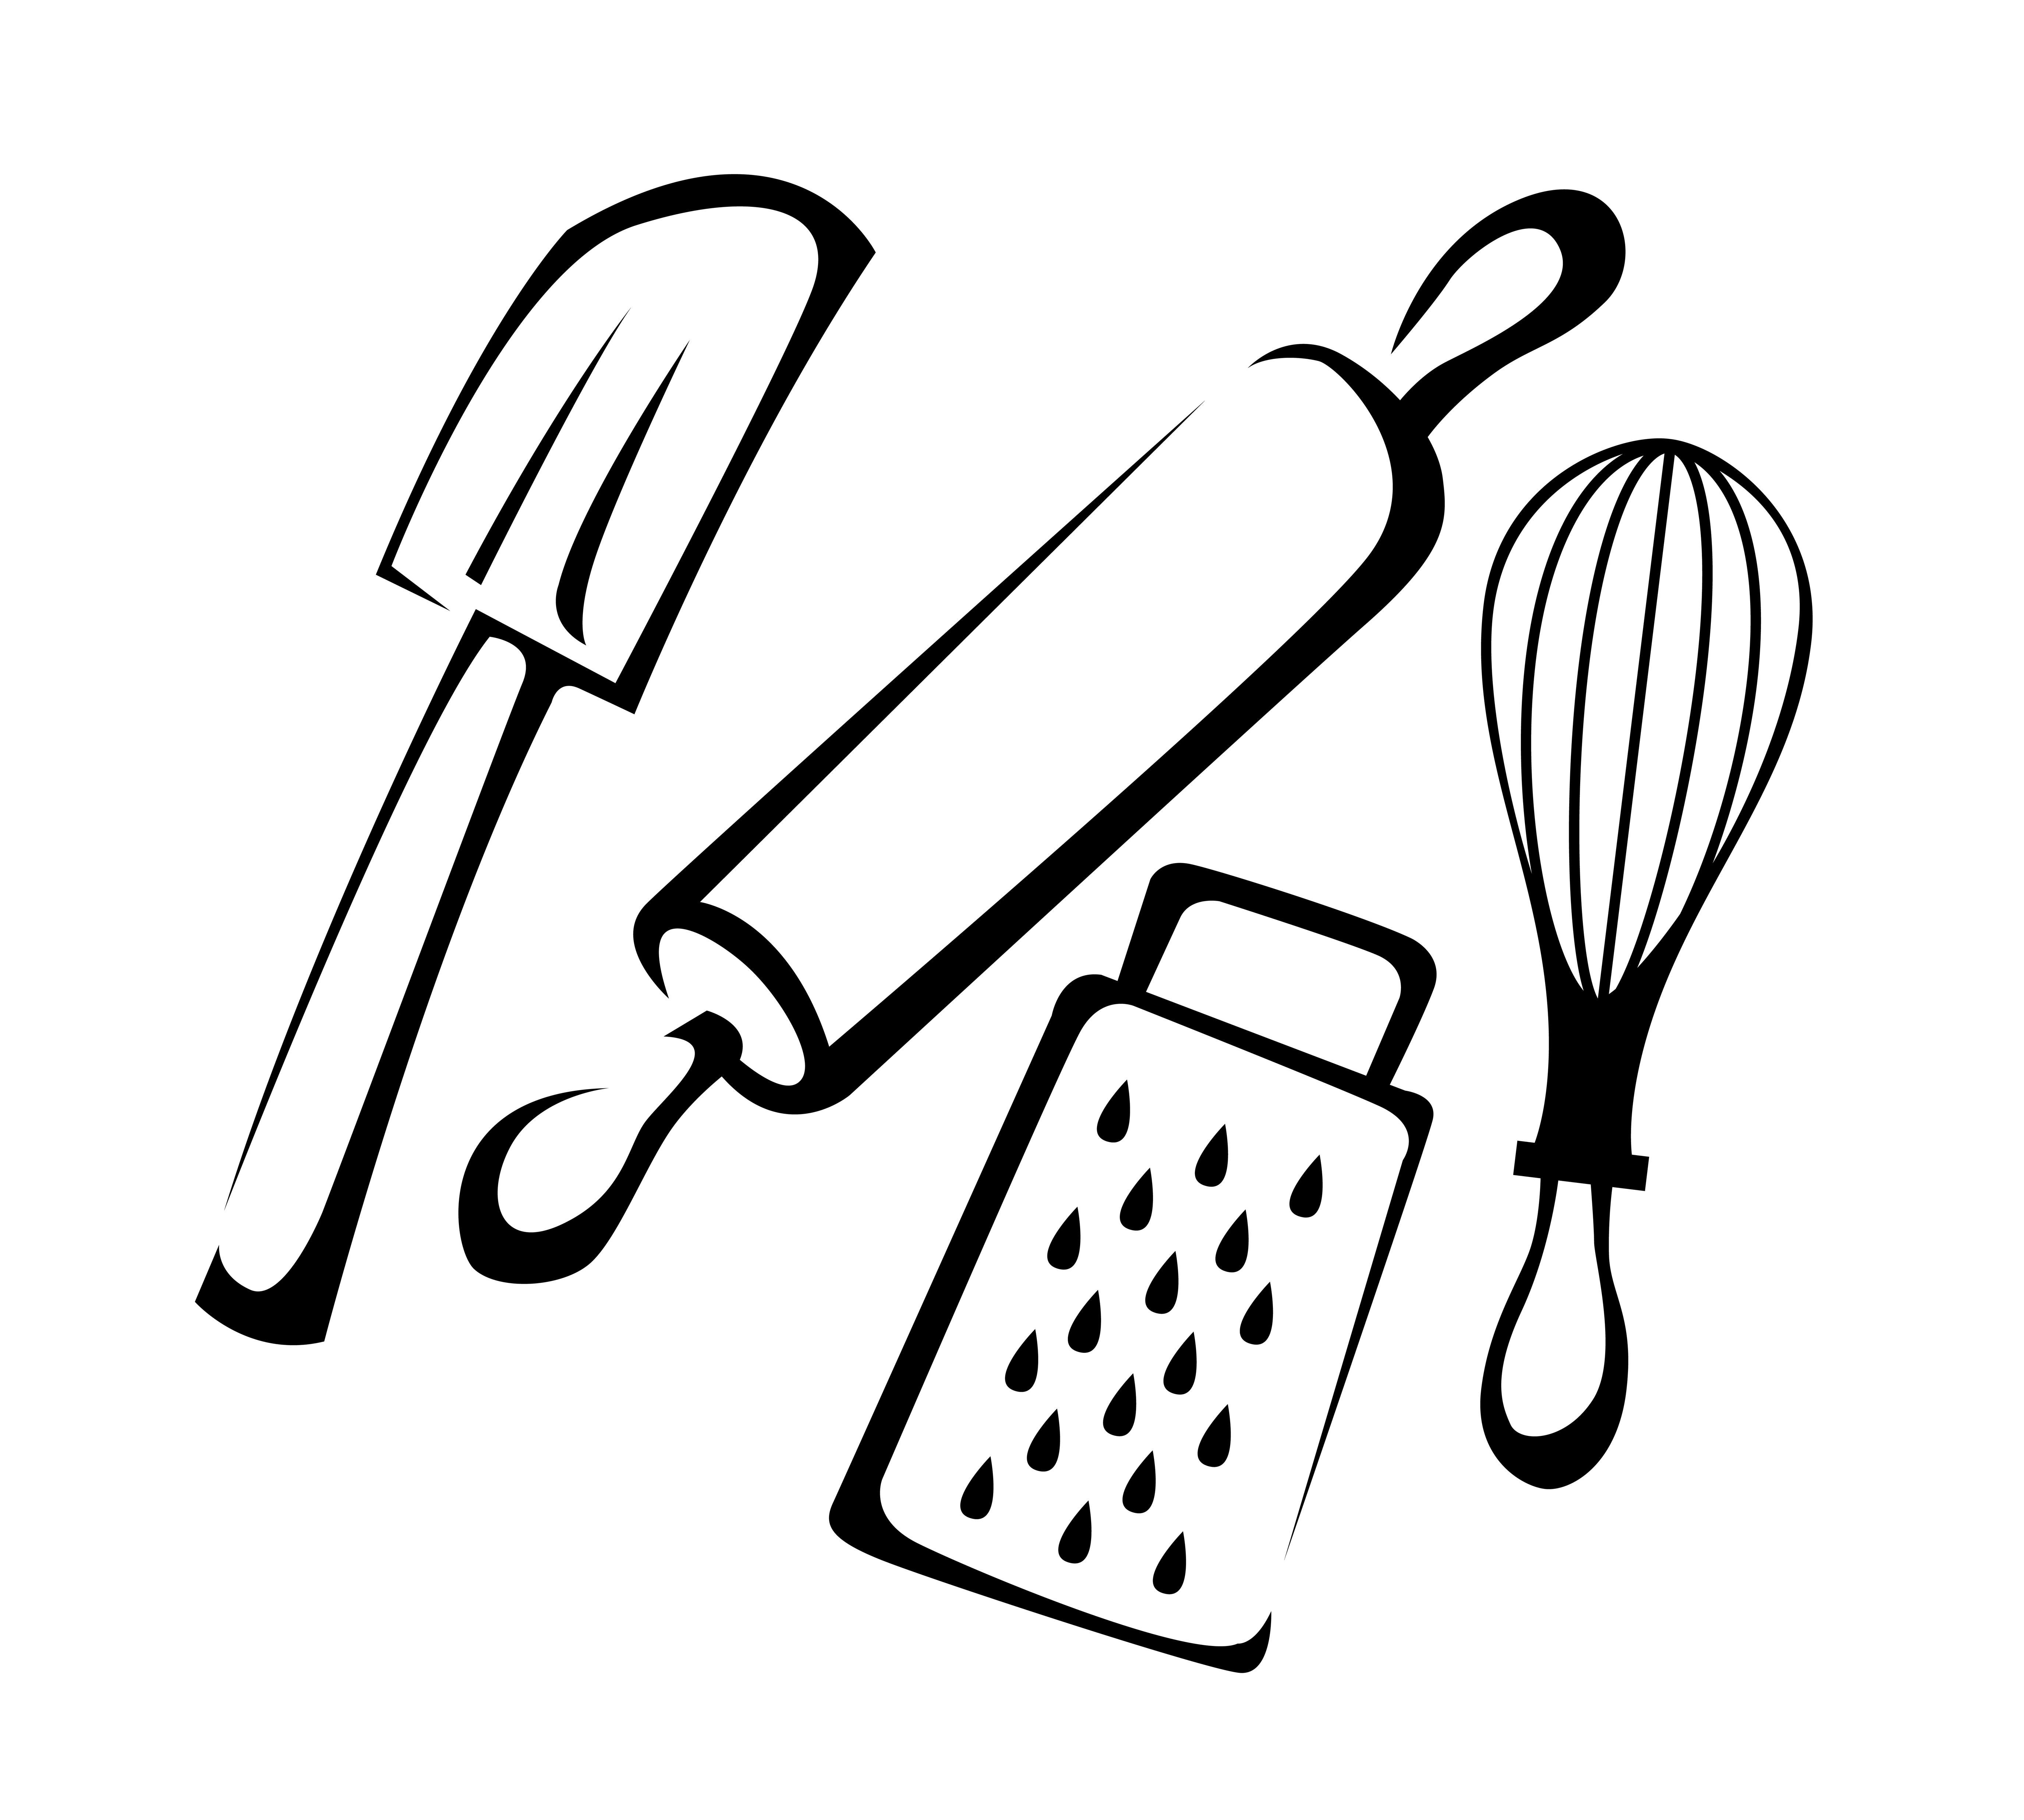 Kitchen Cartoon Drawing At GetDrawings.com